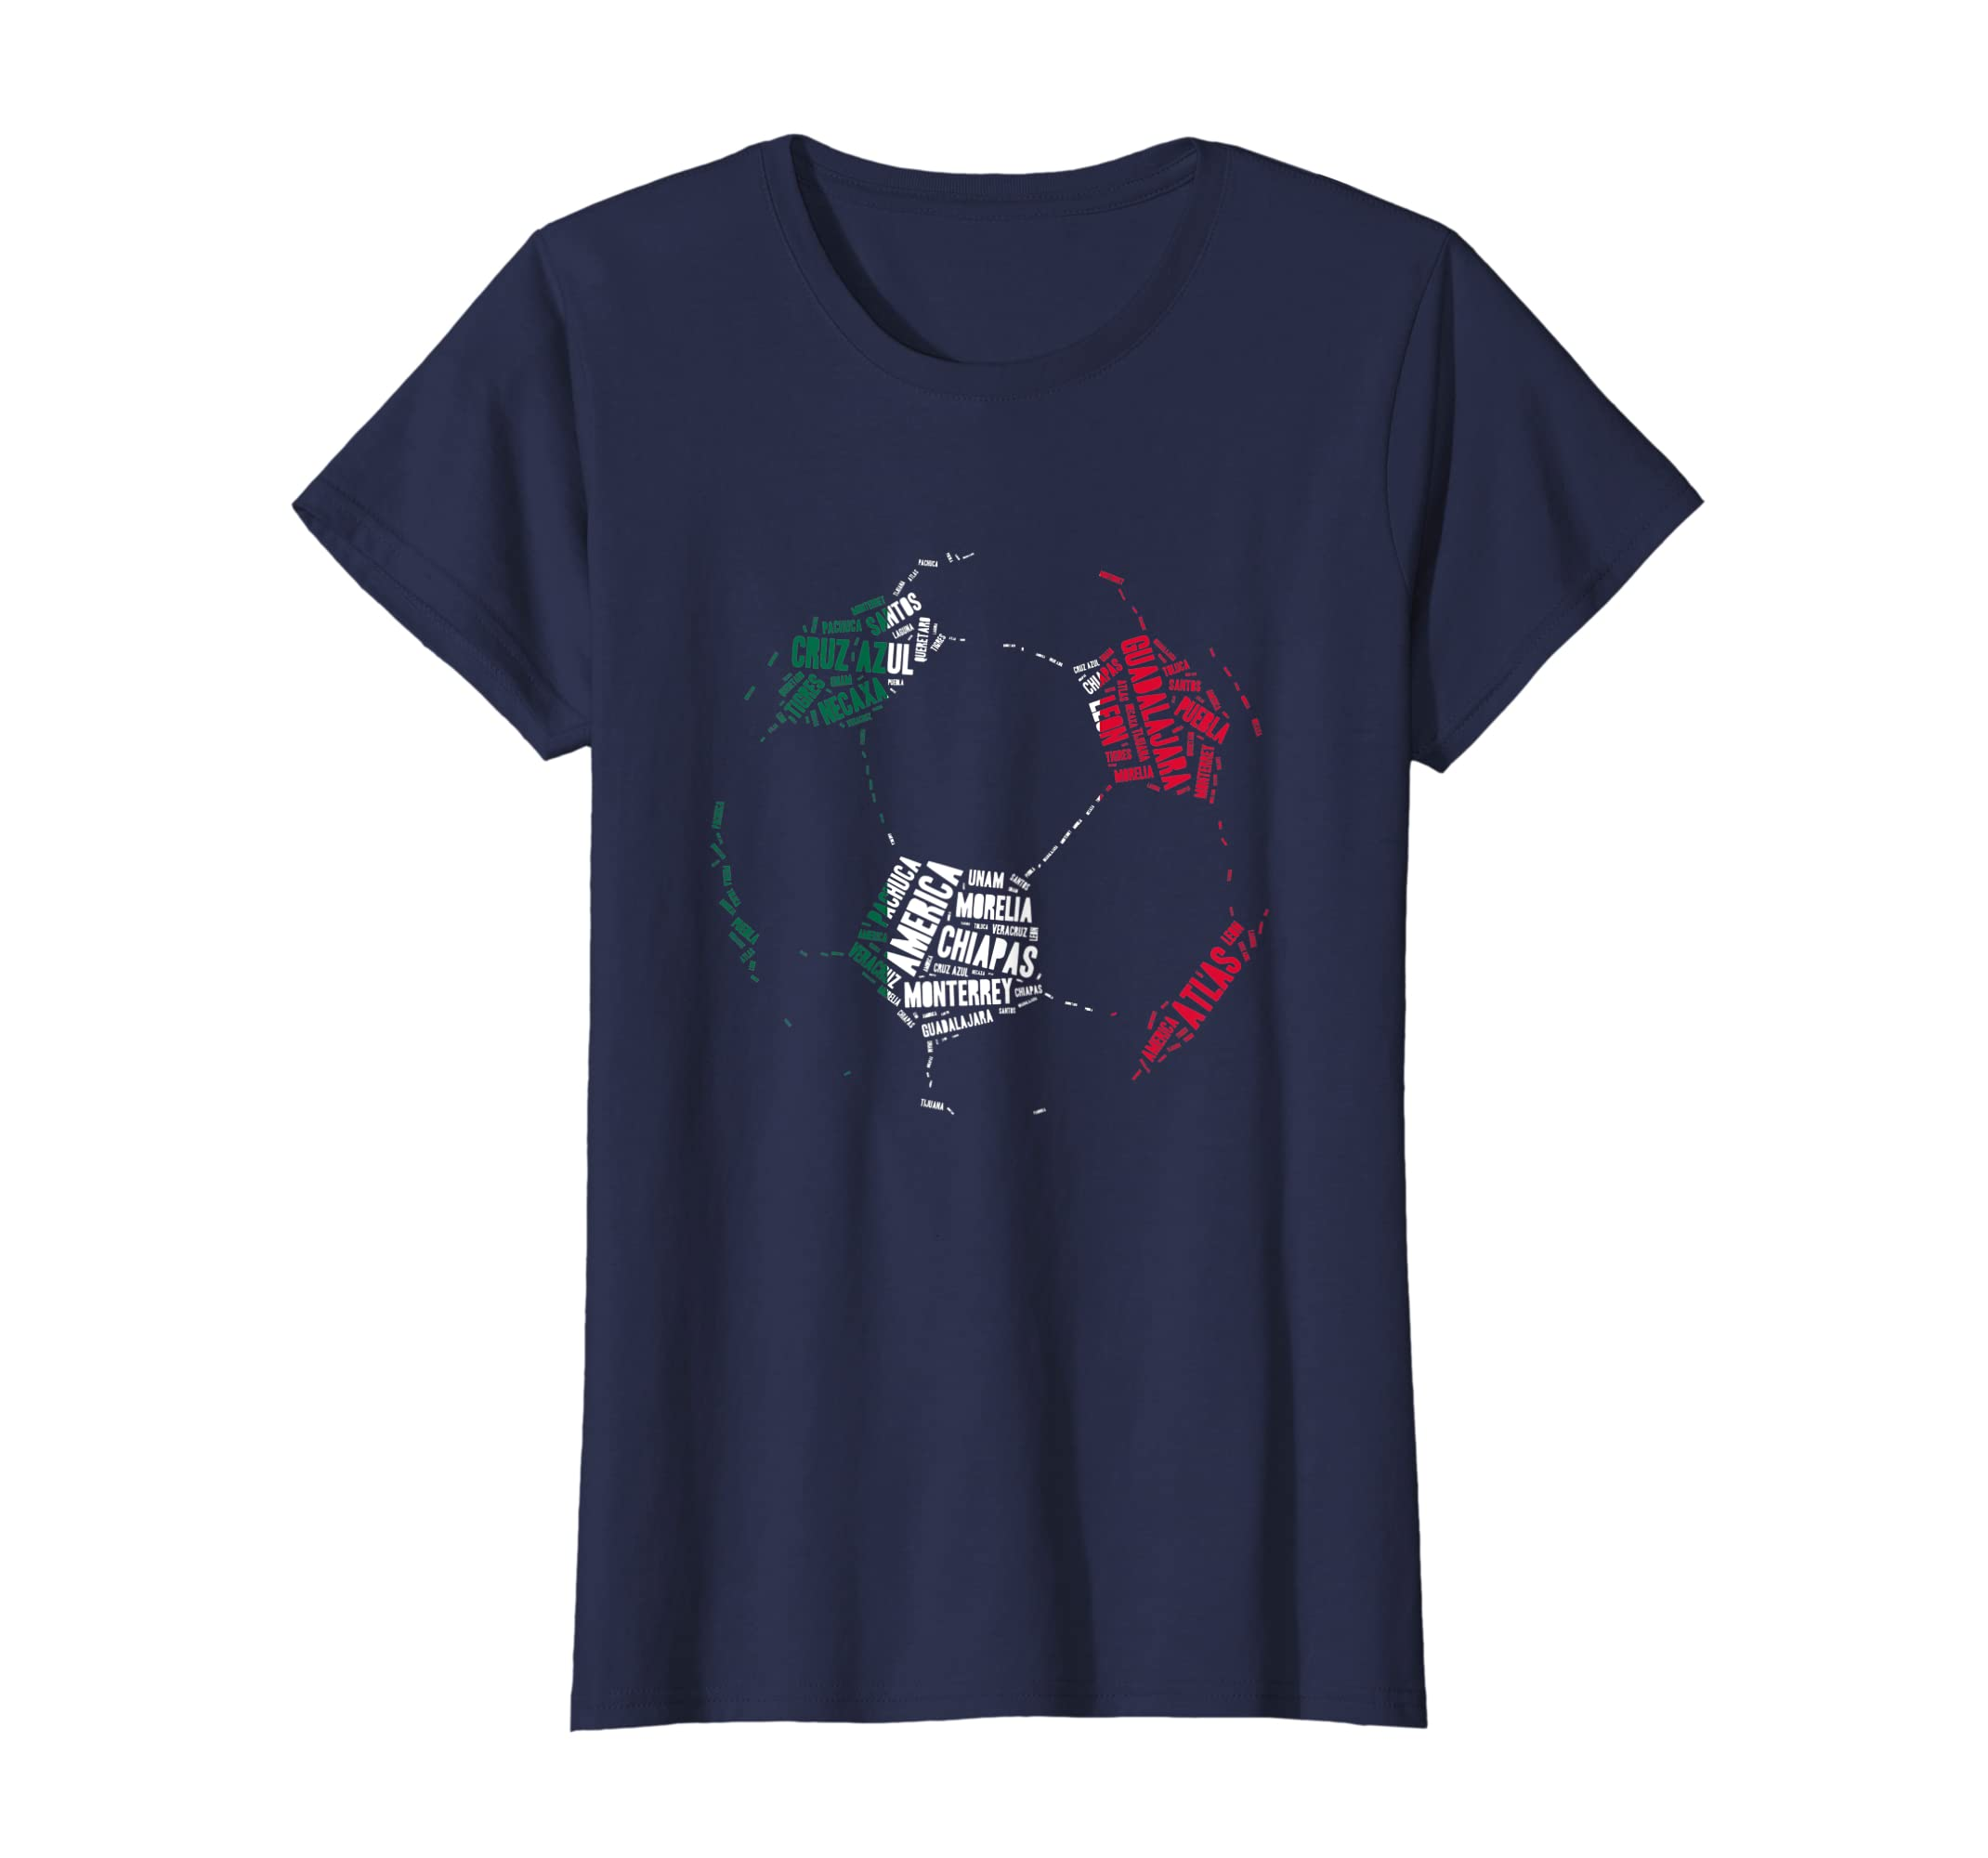 4d13aa79d9f89 Amazon.com  Camiseta Equipos de Futbol Mexico - Mexican Soccer T-Shirt   Clothing